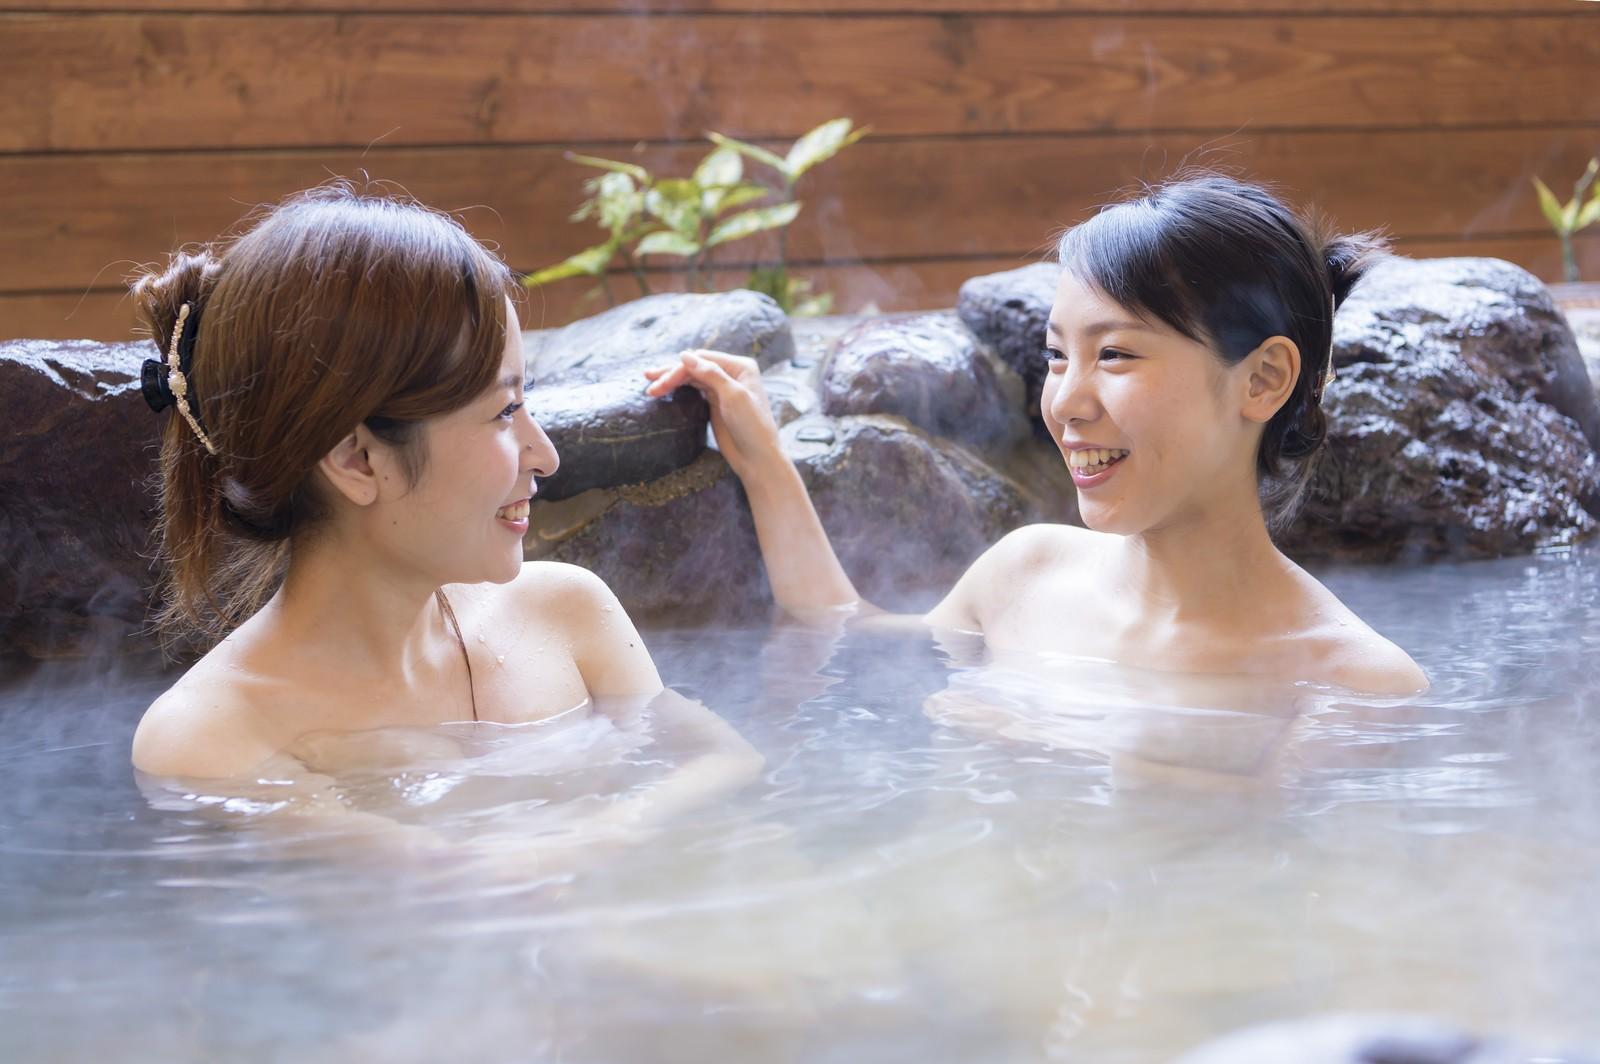 温泉にピアスをしたまま入っても、ピアスや身体は大丈夫?